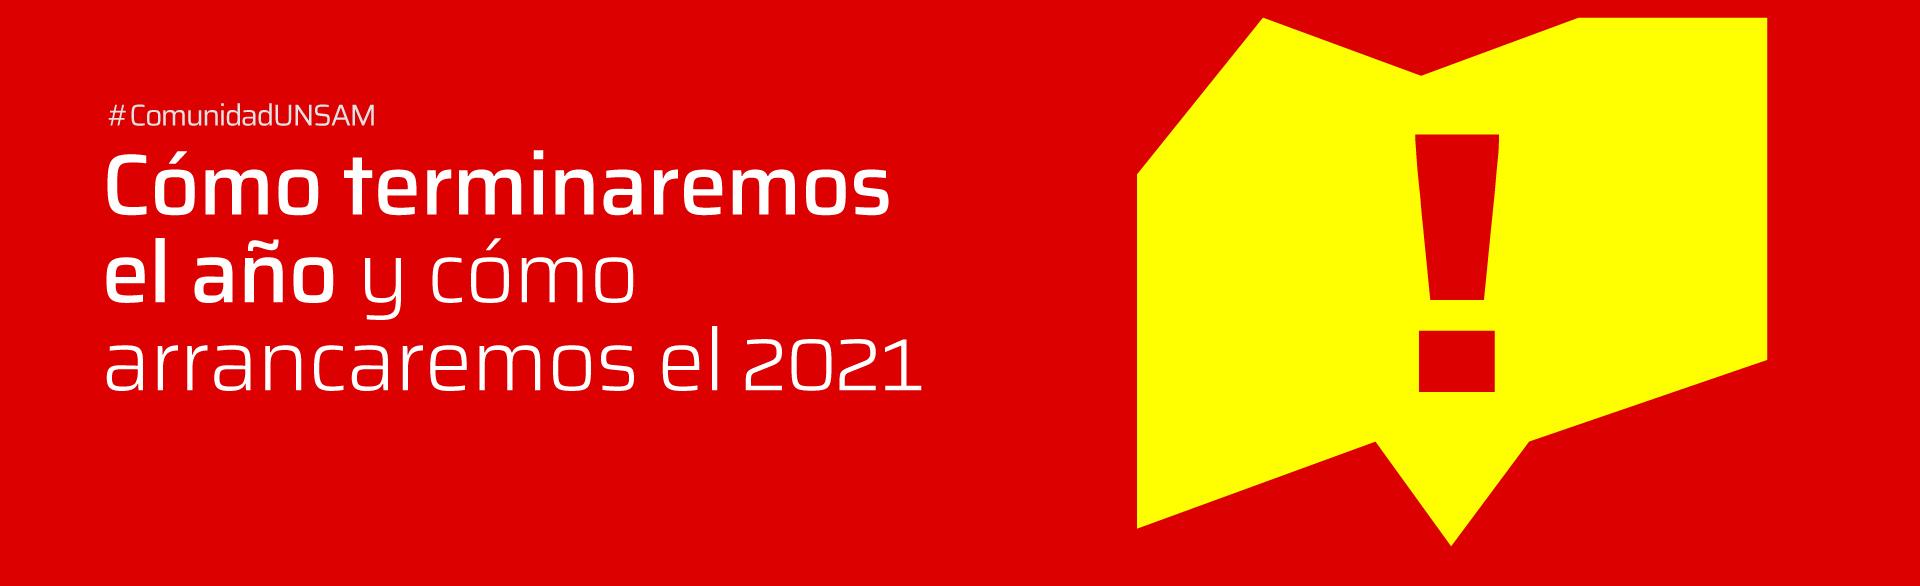 Cómo terminaremos el año y cómo arrancaremos el 2021